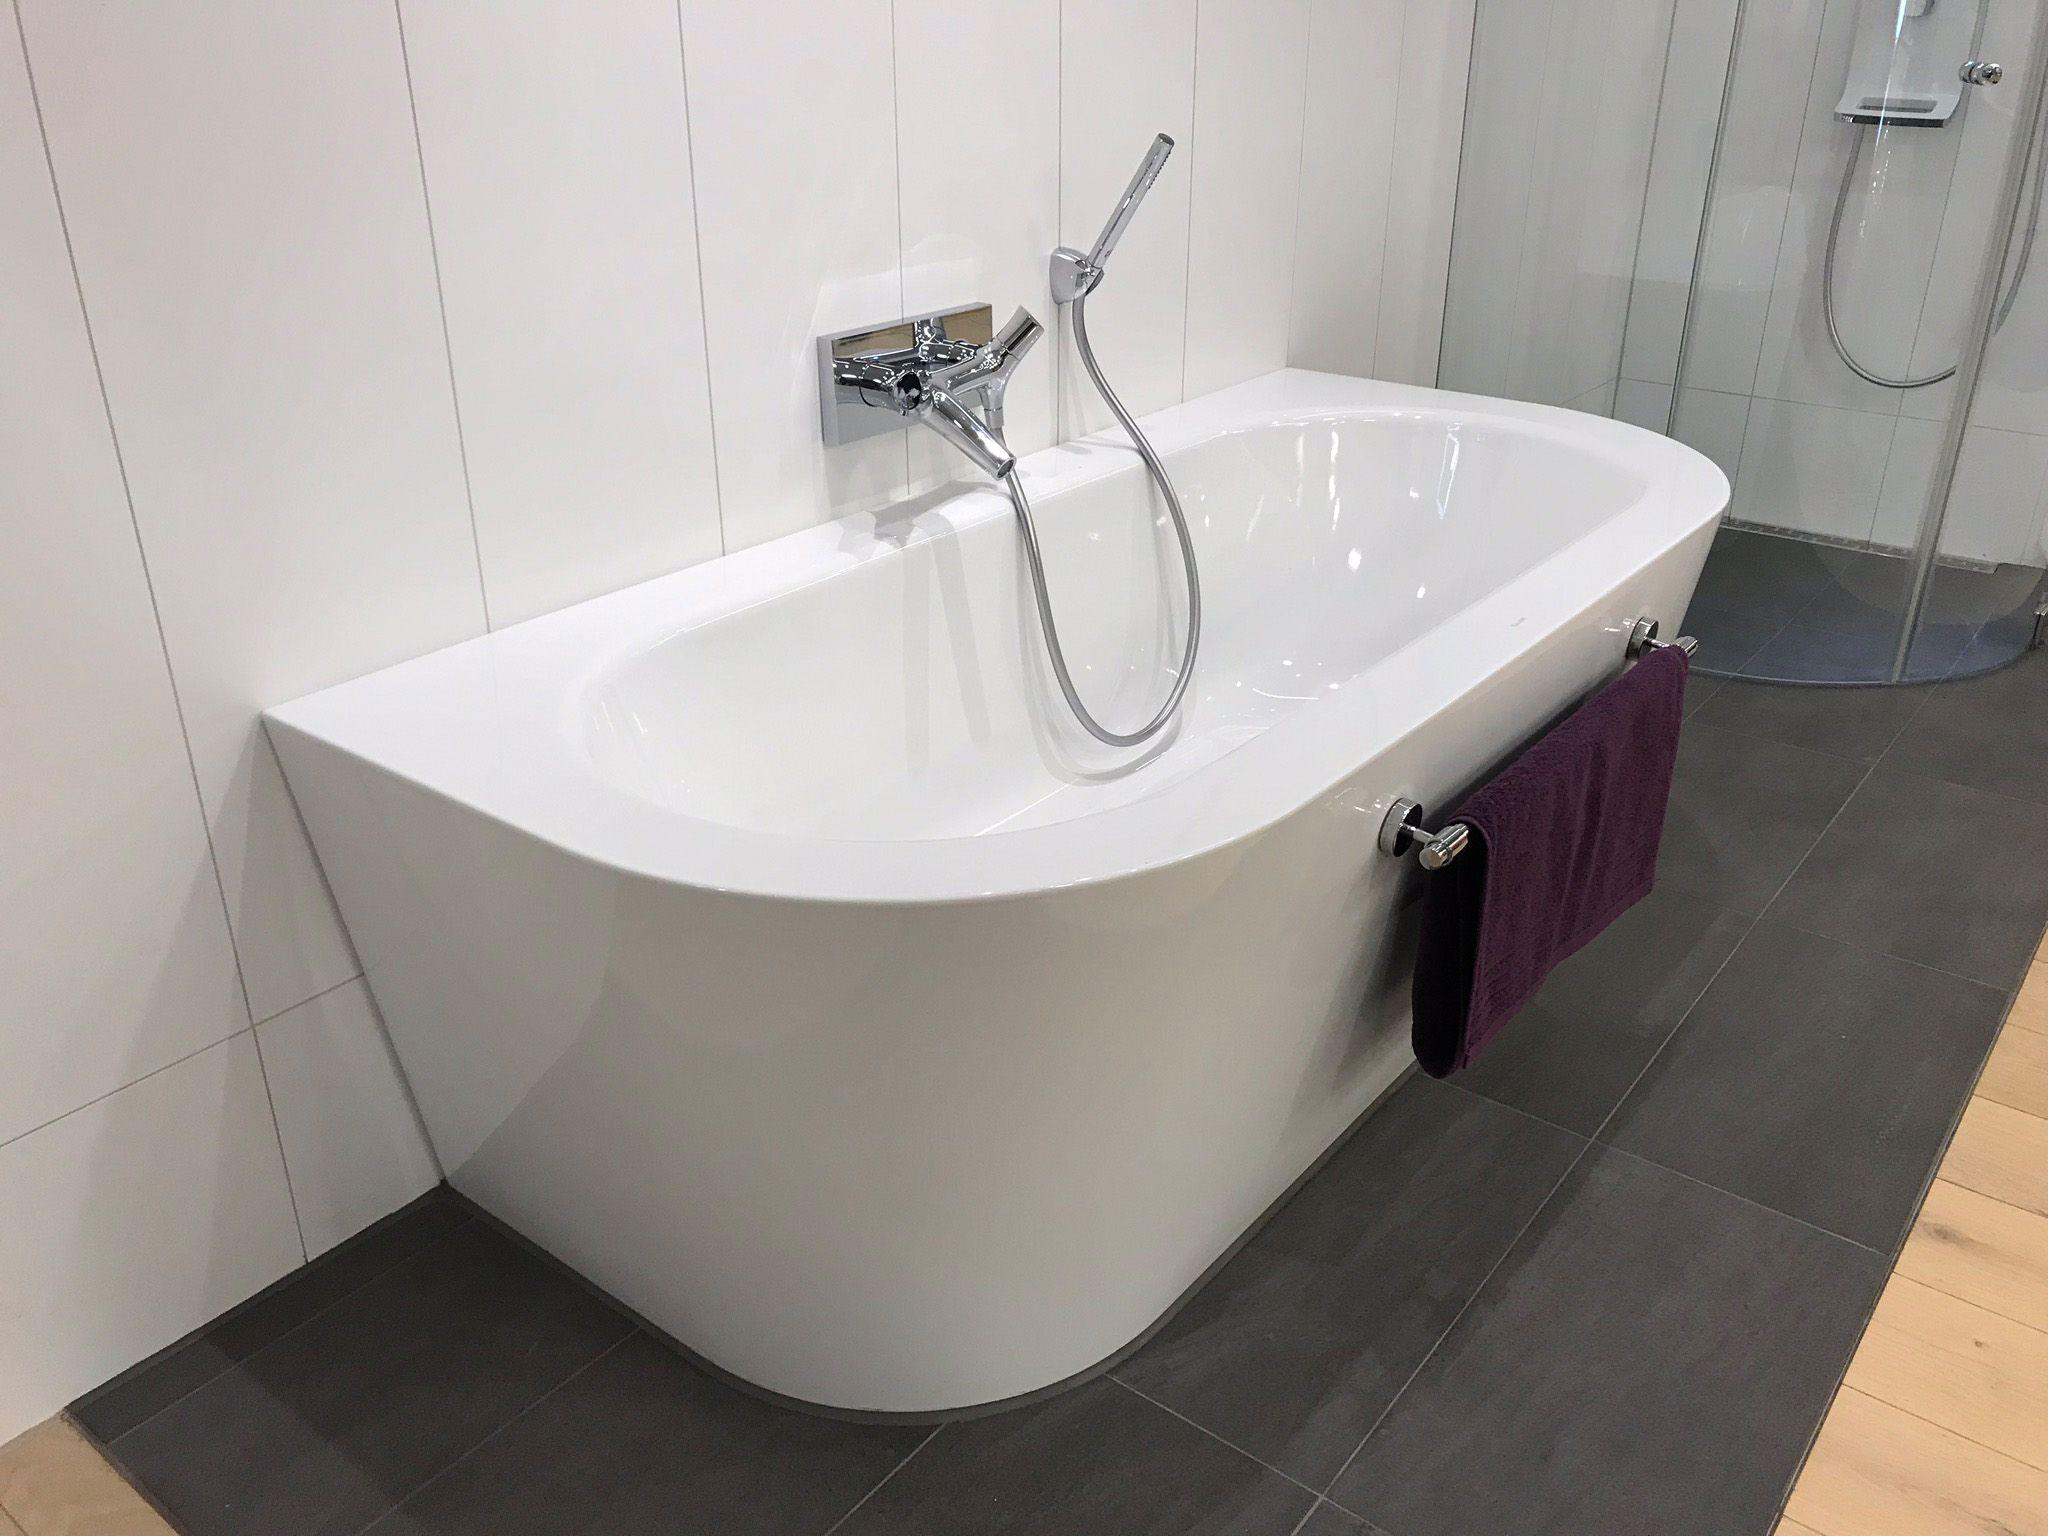 Schone Moderne Badewanne Badewannenreparatur Moderne Badewannen Badewanne